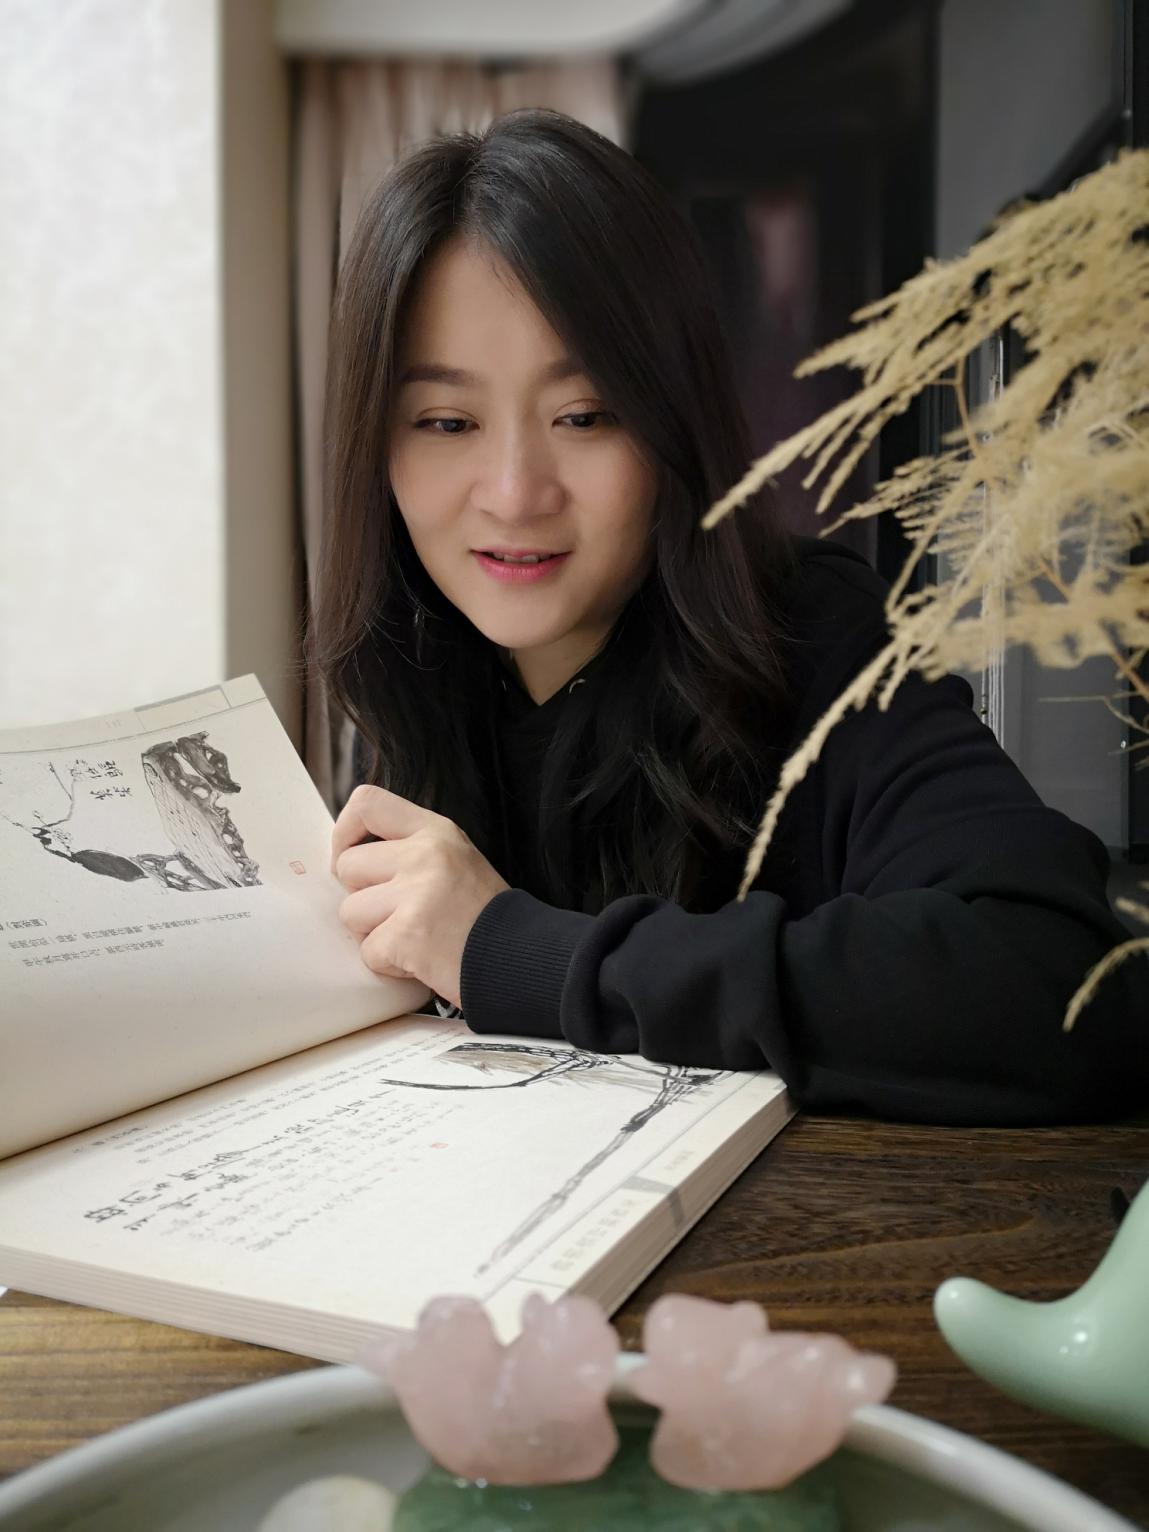 以艺术的名义·照亮生活 深圳作家刘波再出新作